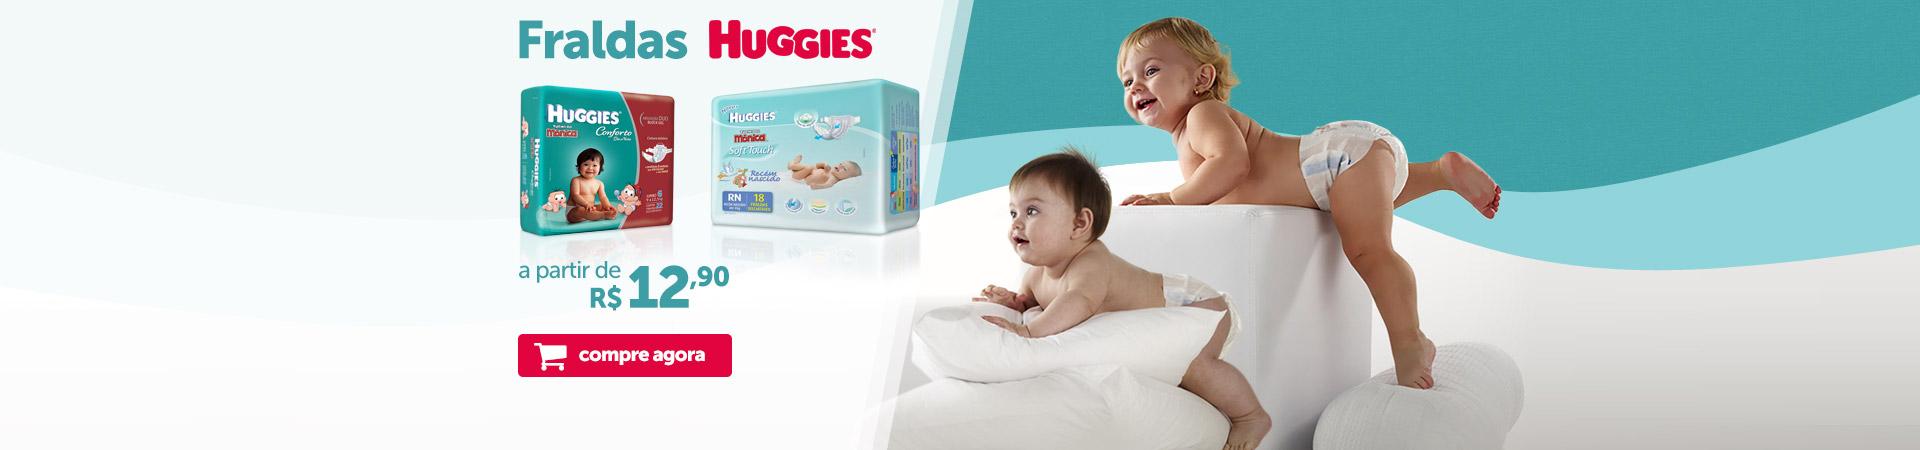 Fraldas Huggies